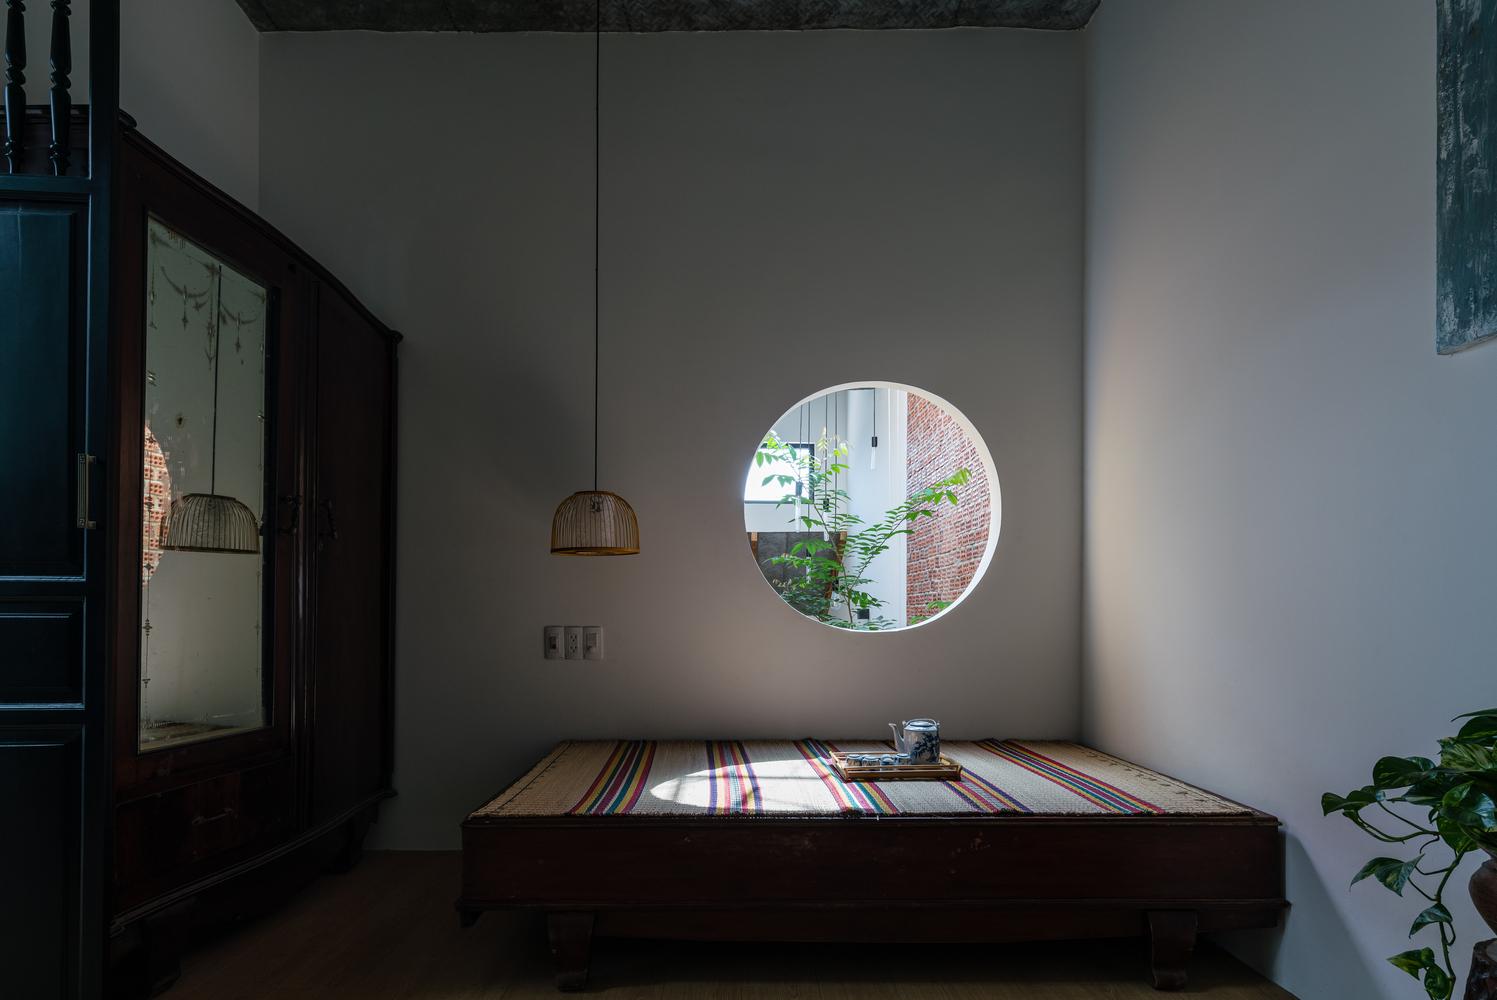 phòng ngủ có ô thoáng hình tròn mở ra khoảng giếng trời